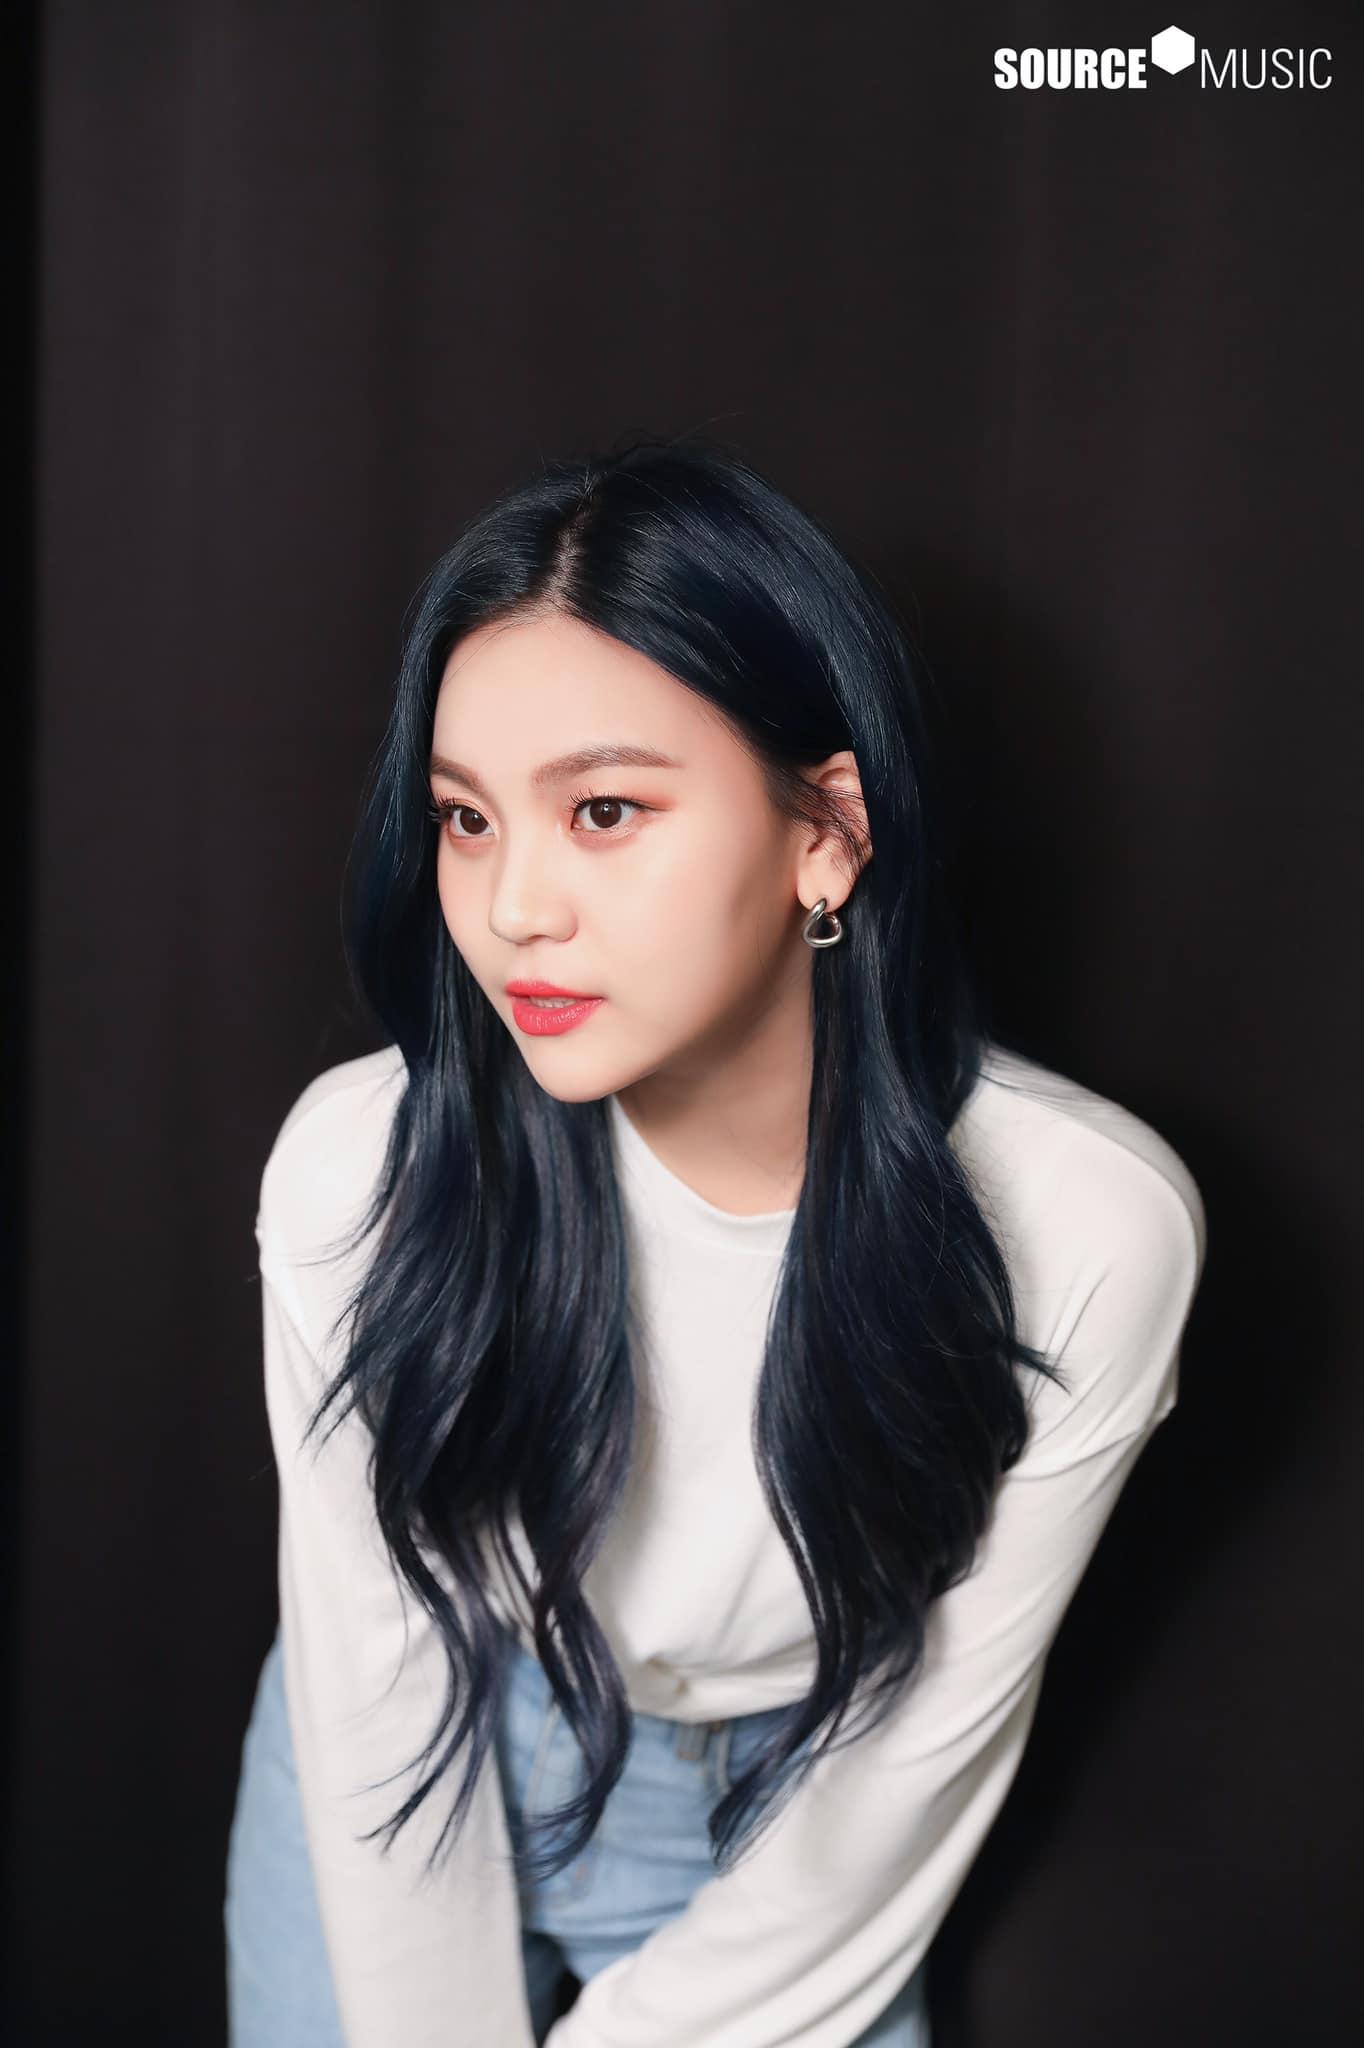 Nữ idol từng bị chê xấu nhất lịch sử Kpop, nay đã thăng hạng visual ngoạn mục chỉ nhờ… đổi dáng lông mày - Ảnh 12.